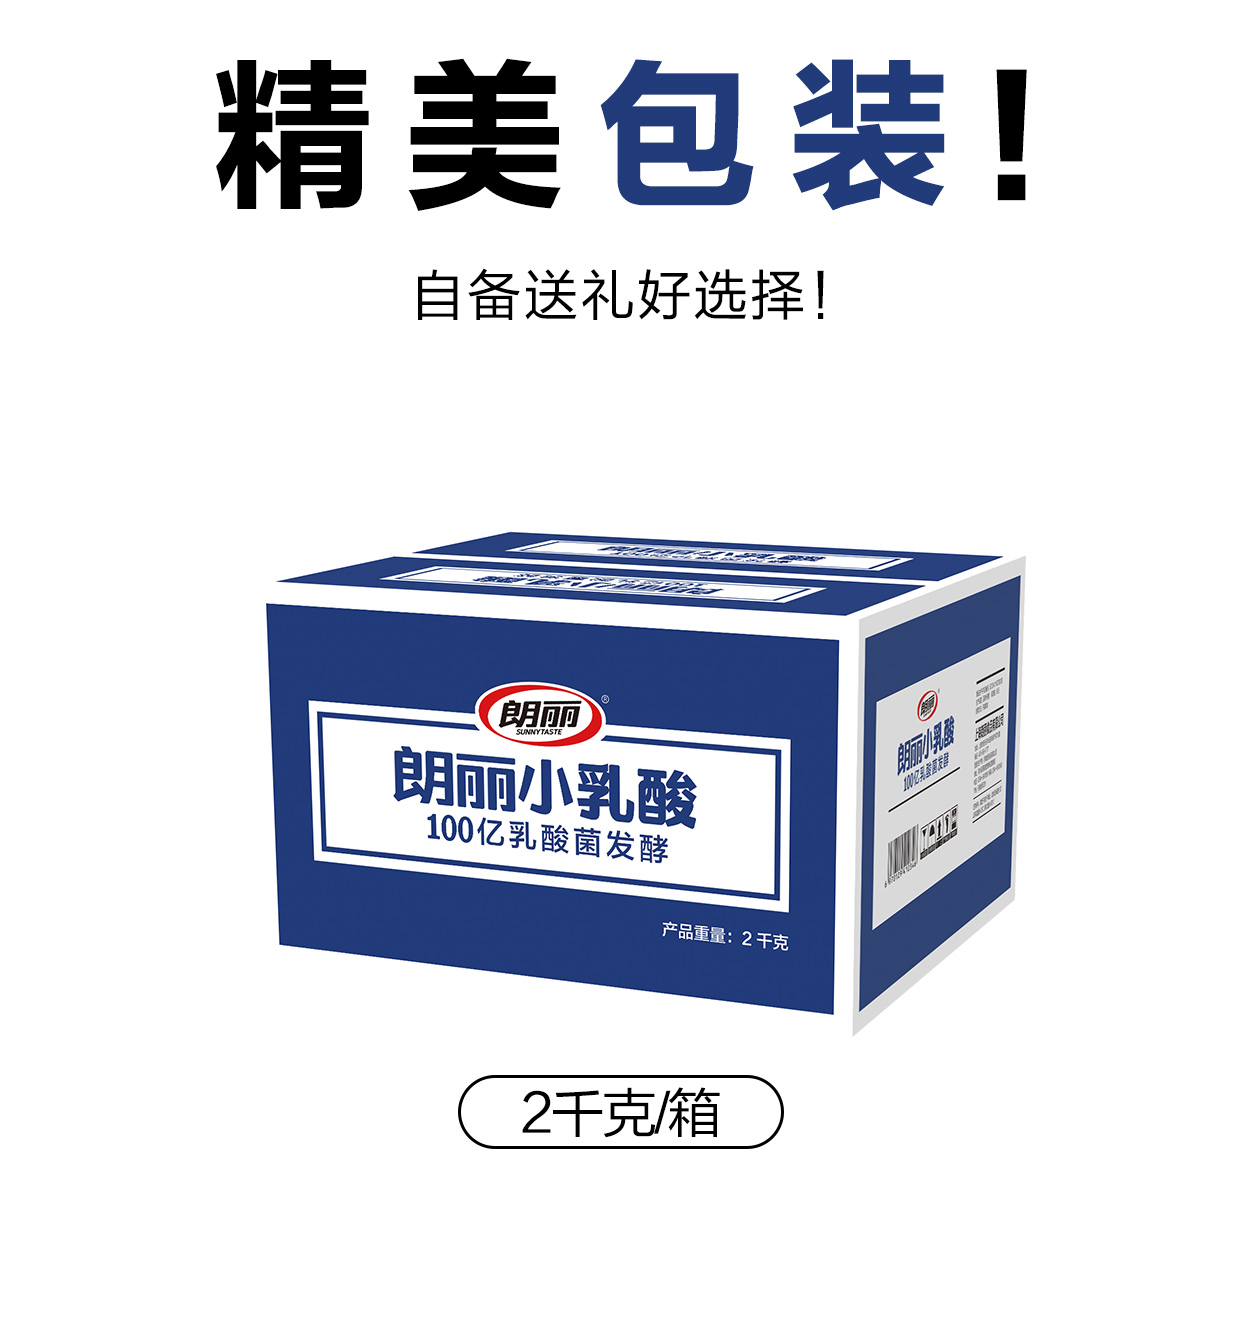 小乳酸_05.jpg